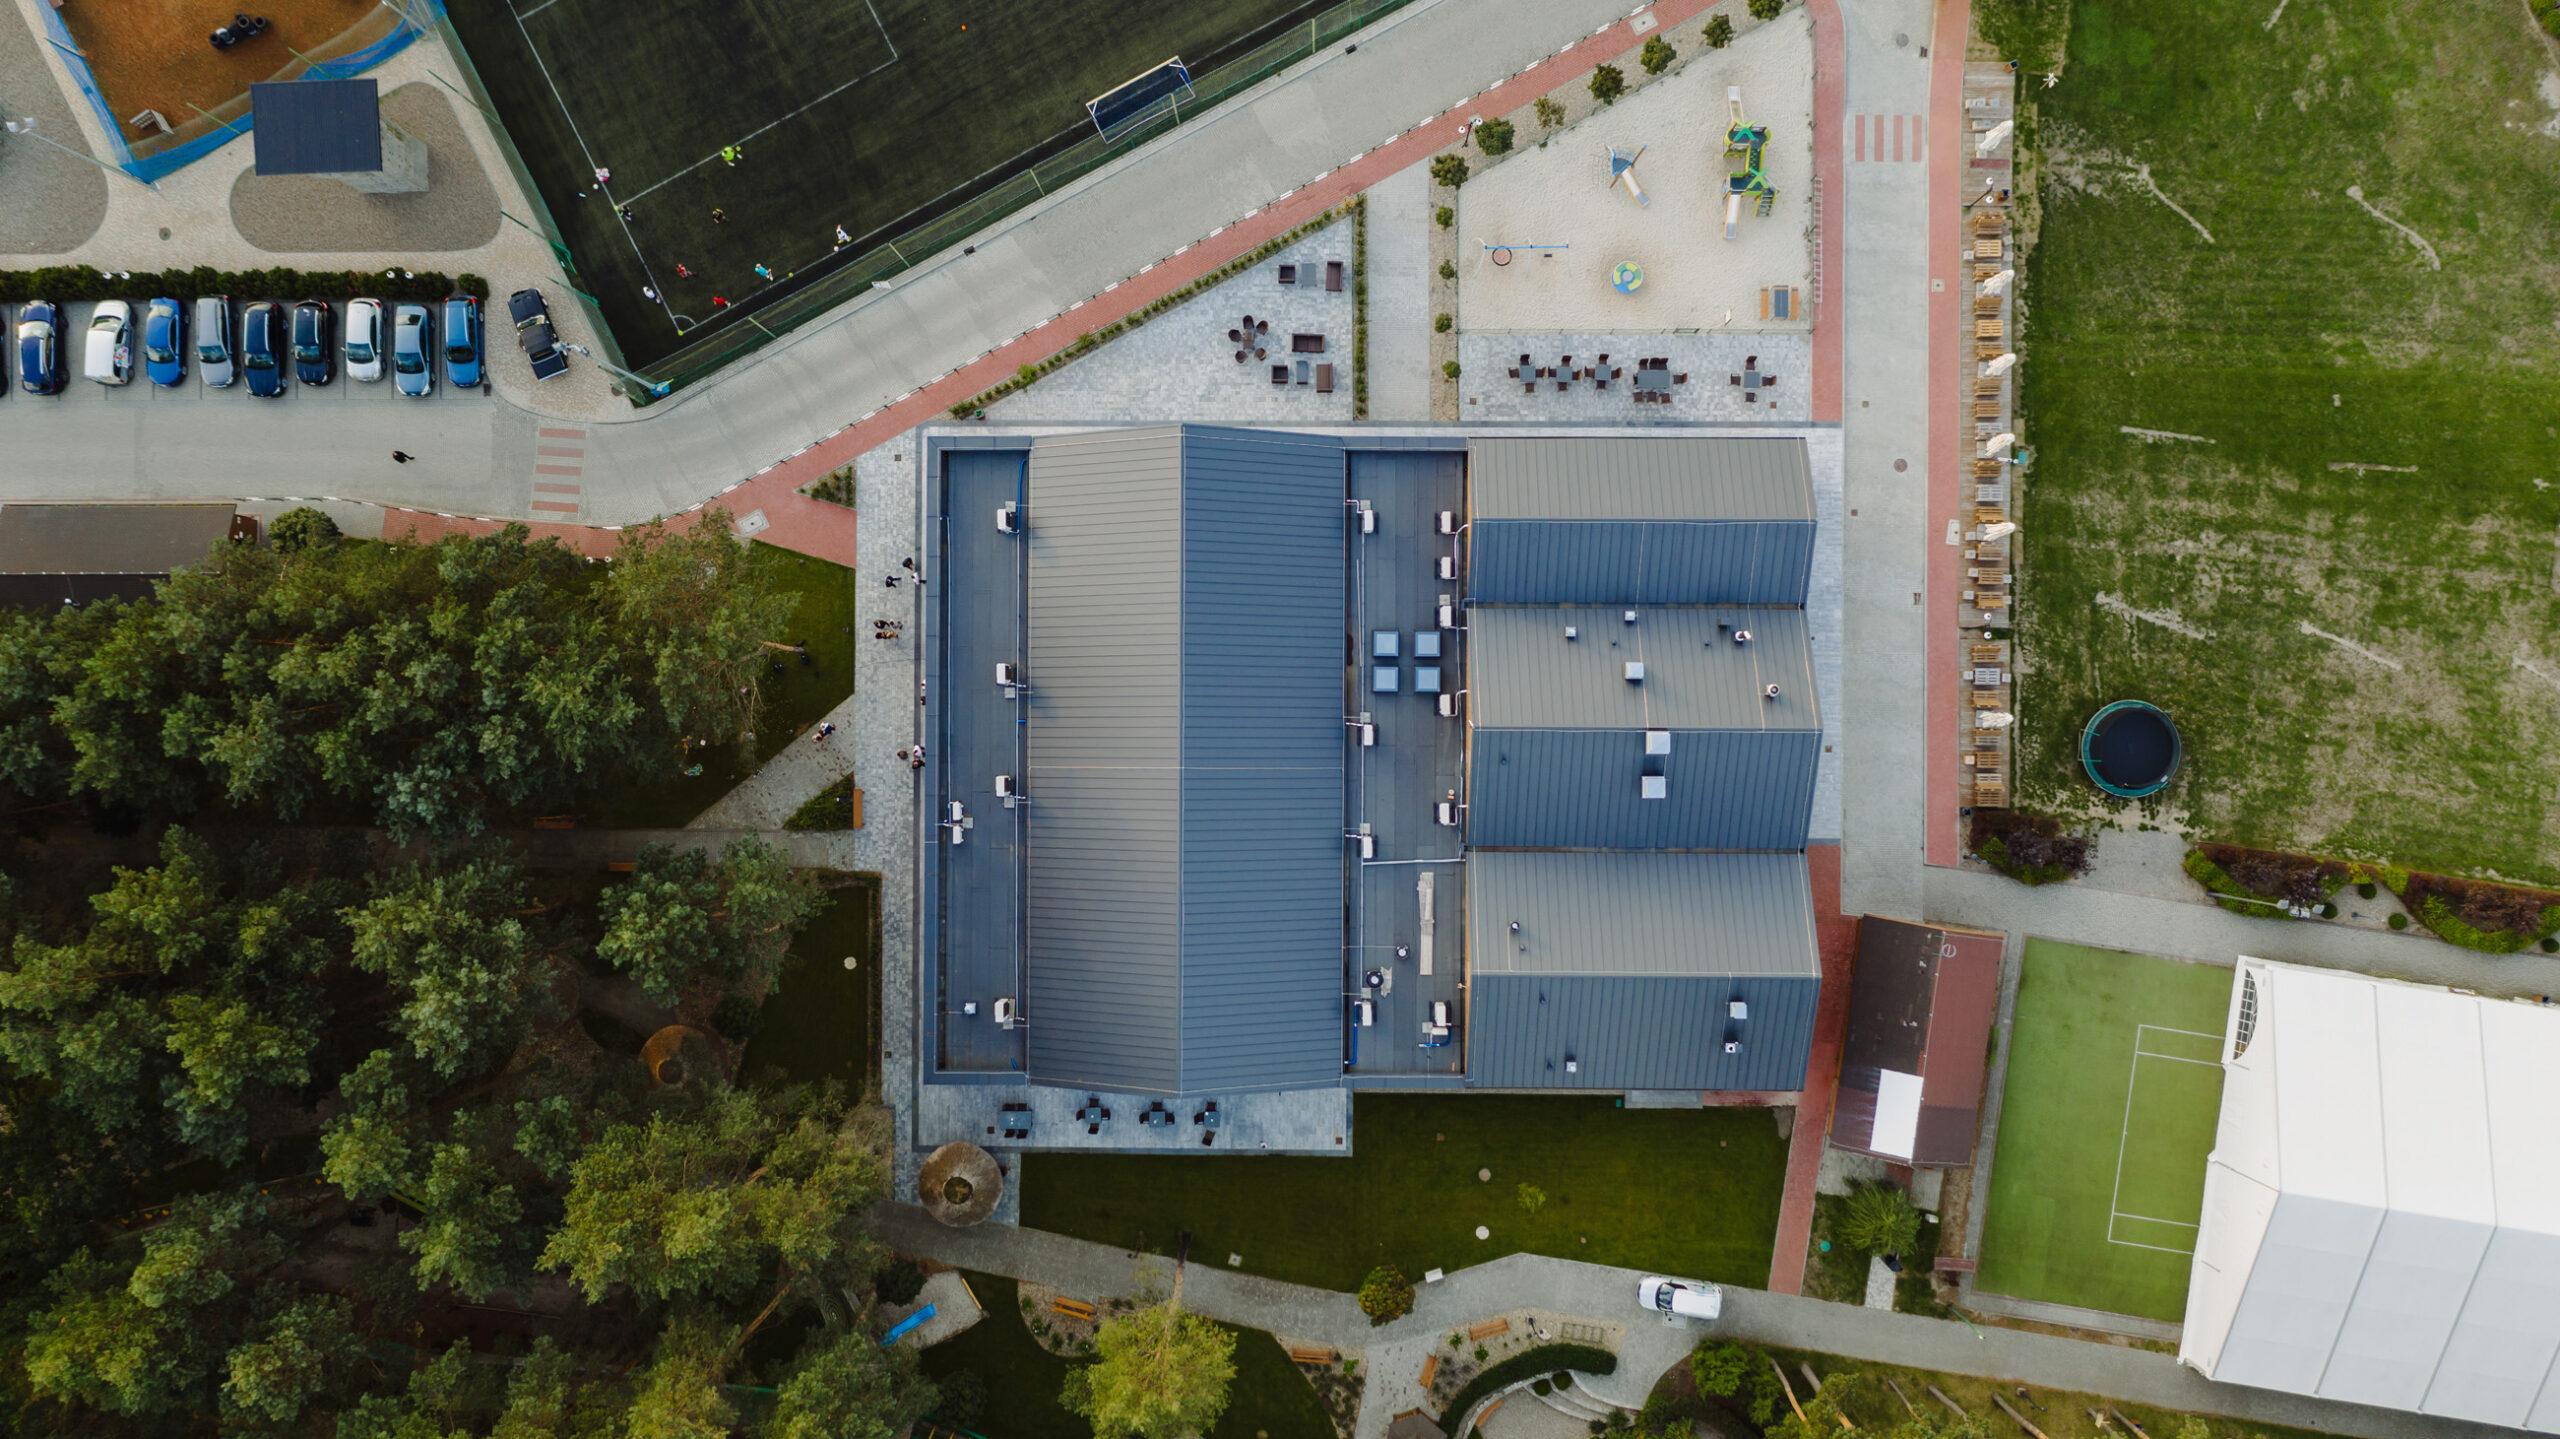 Dom-Weselny-Lubaszka-dron-foto-03-MEEKO